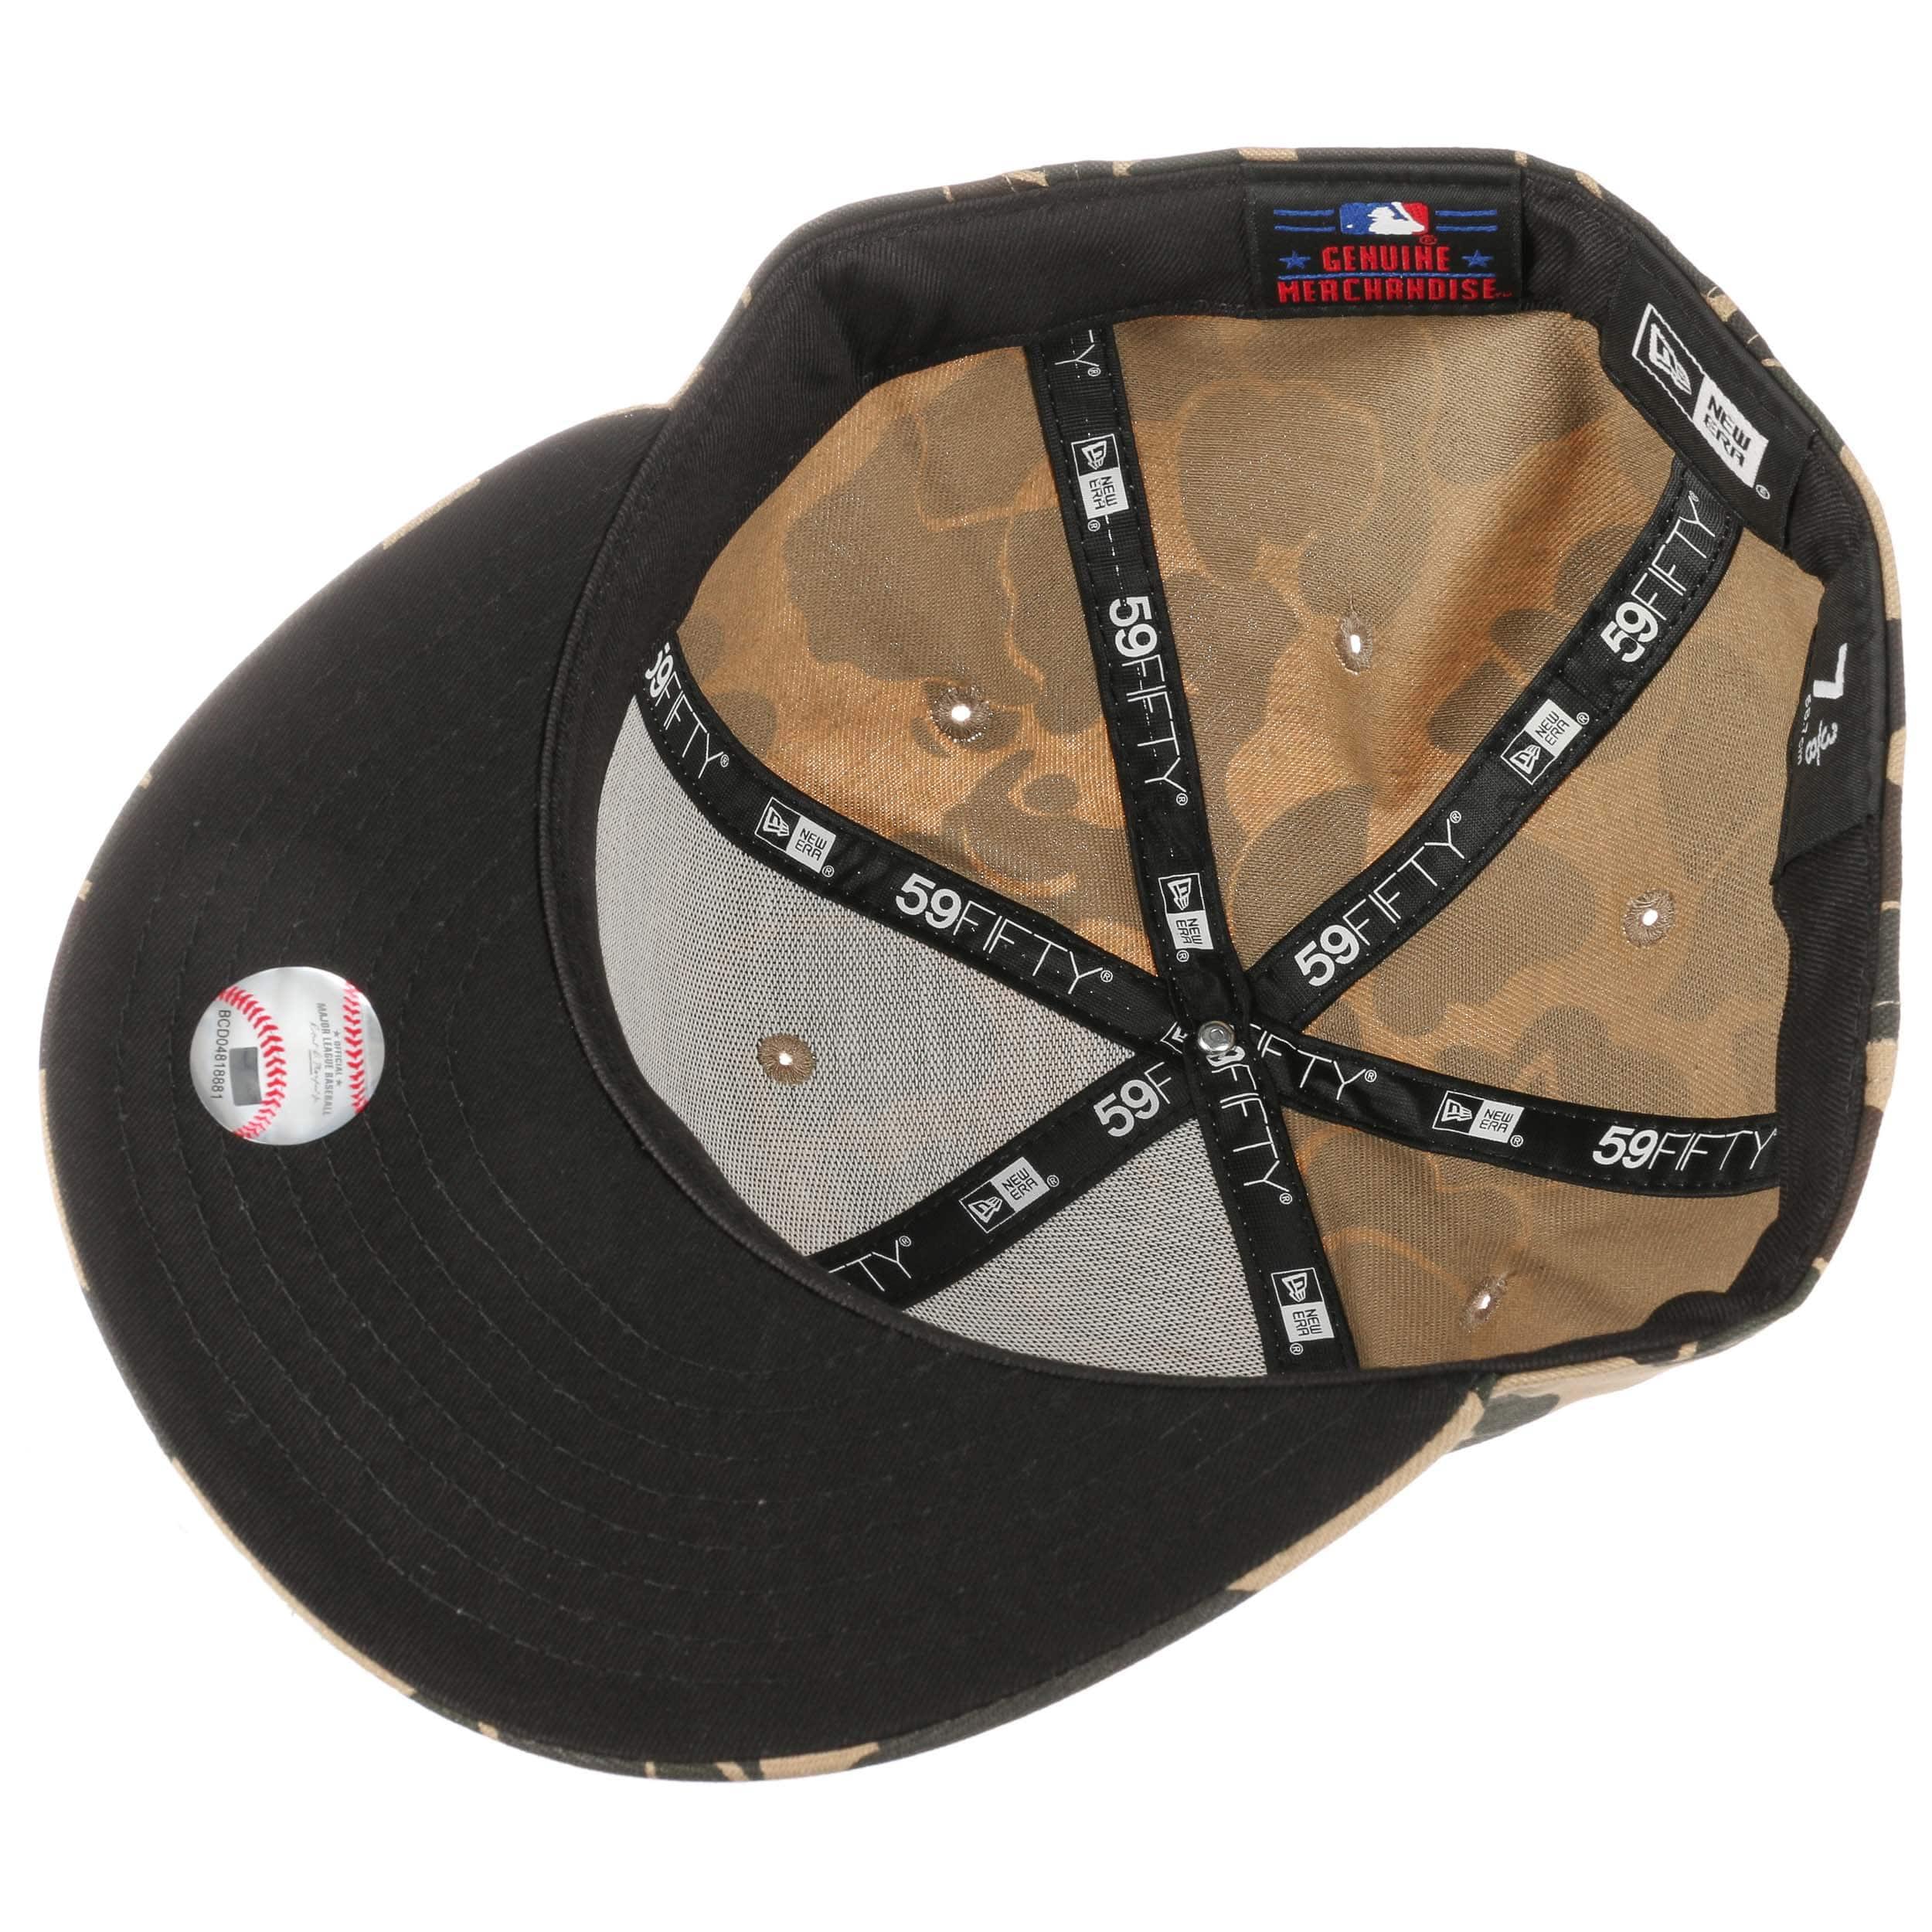 divers design vente chaude authentique économiser jusqu'à 60% 59Fifty Camo Yankees Cap by New Era